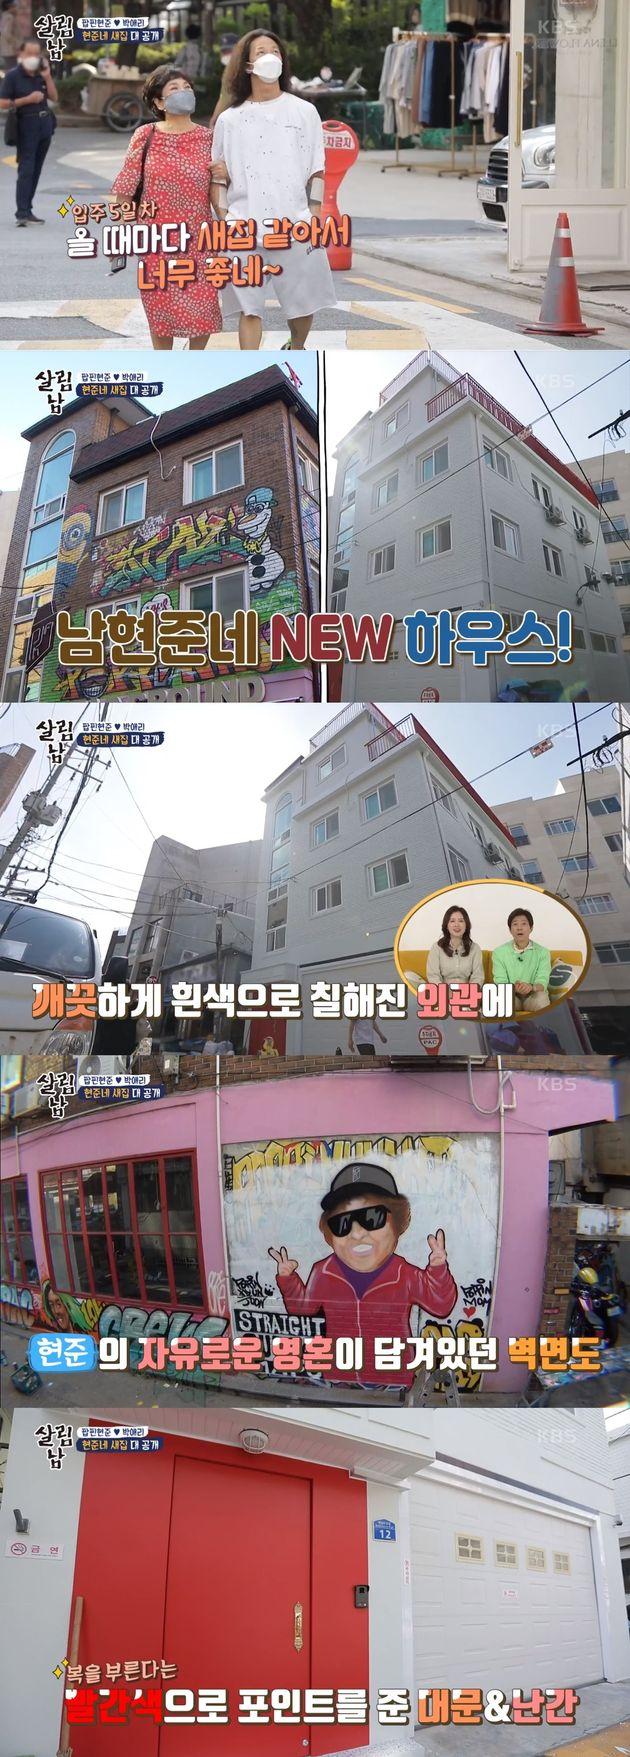 Poppin Hyun-jun, que se mudou para uma nova casa após 5 meses de construção